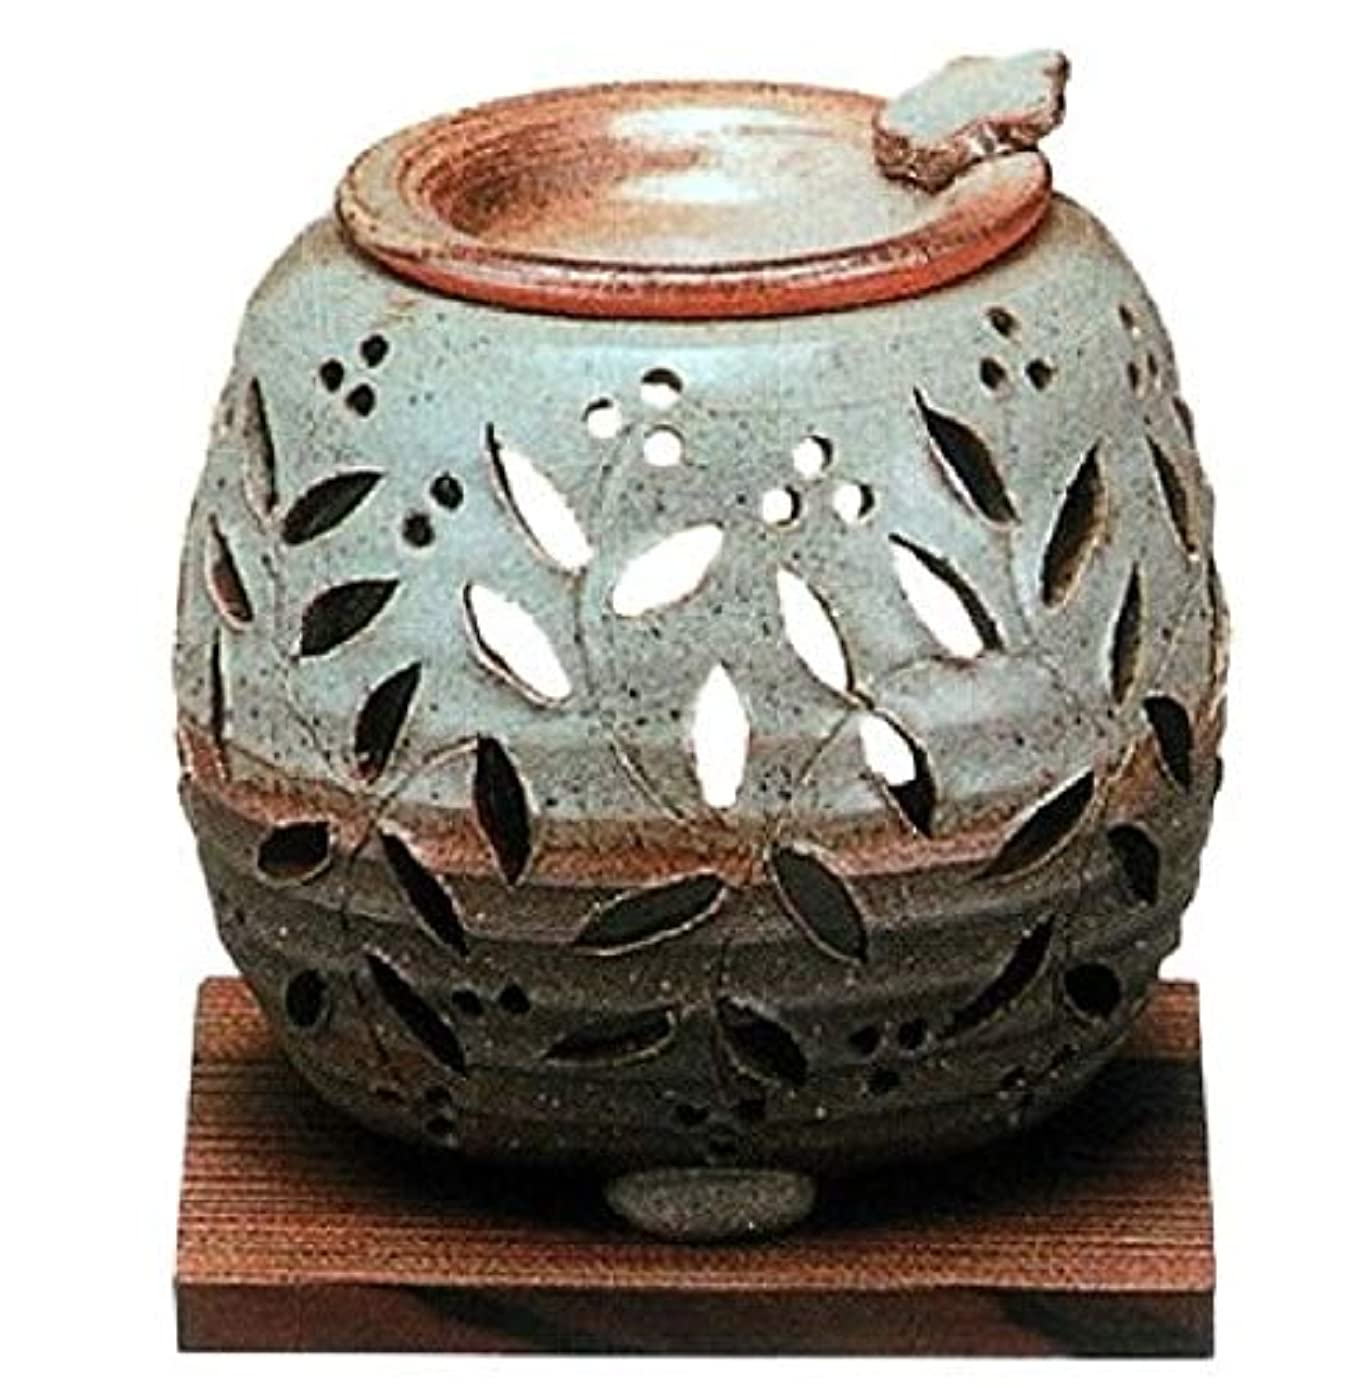 常滑焼 3-829 石龍緑灰釉花透かし彫り茶香炉 石龍φ11×H11㎝